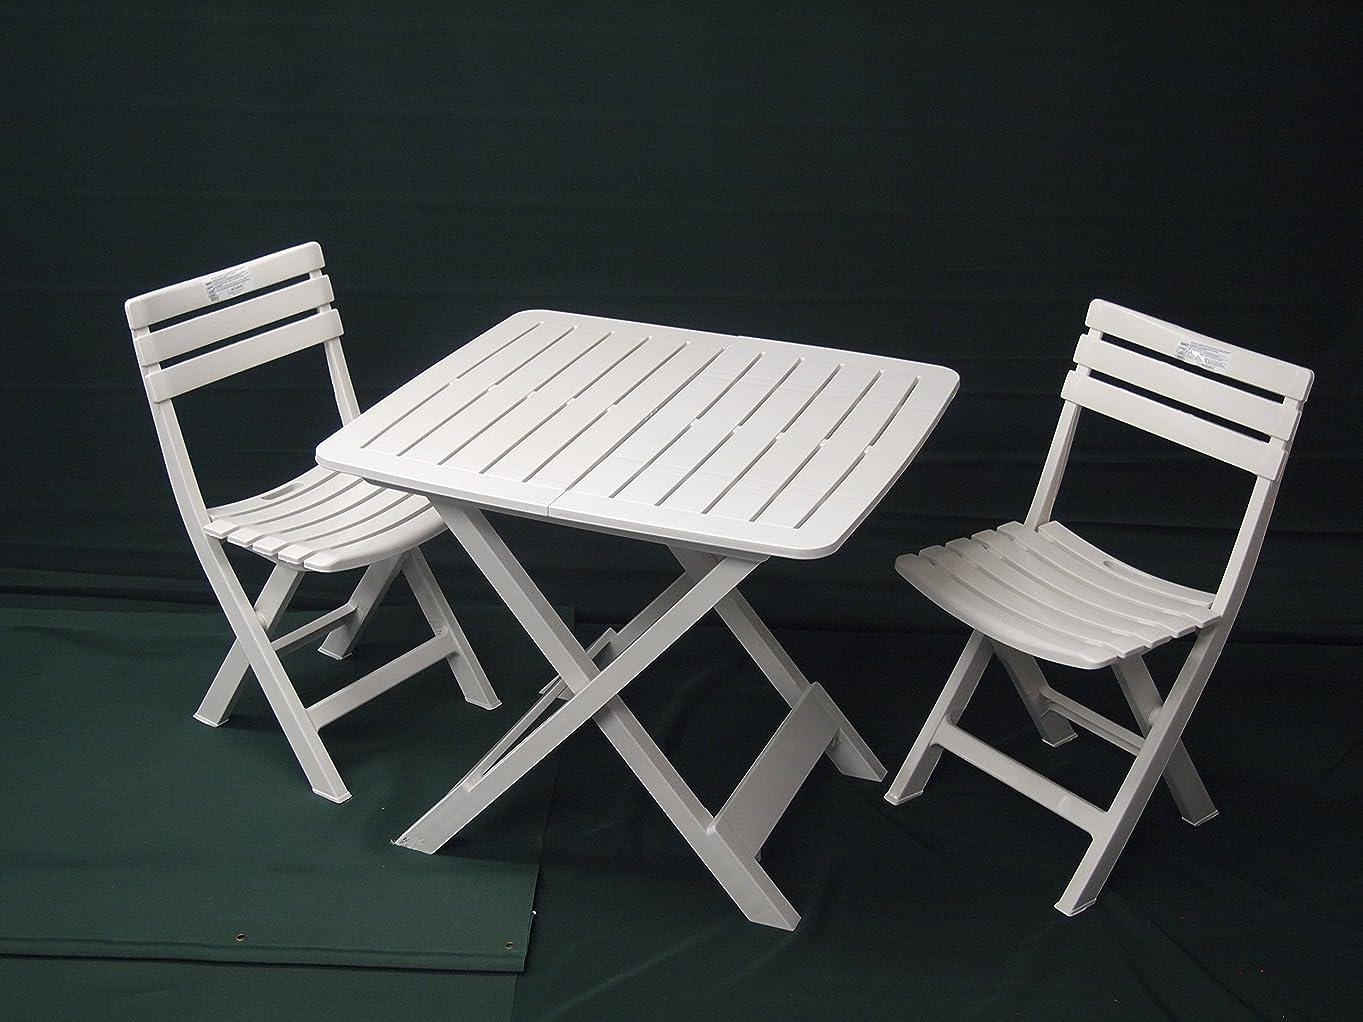 キャラバン幸運タイマーIPAE-PROGARDEN イタリア製ガーデンテーブルセット TEVERE&BIRIKI ホワイト